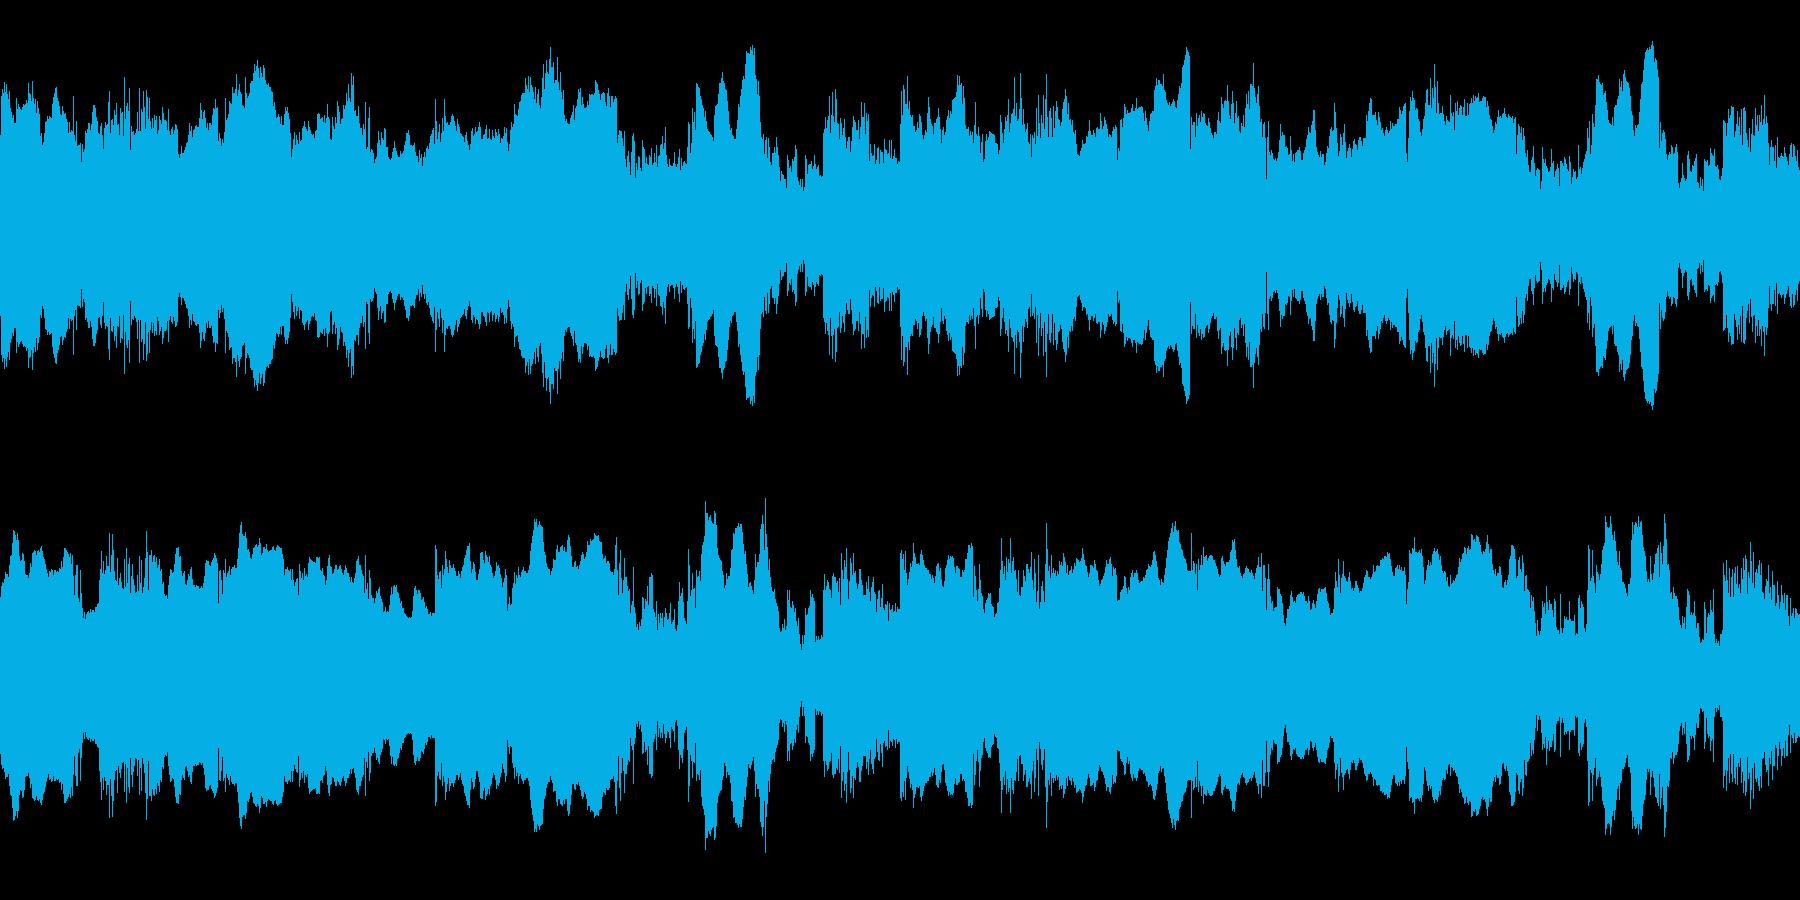 果てしなく深く暗く、じっとりとしたホラ…の再生済みの波形